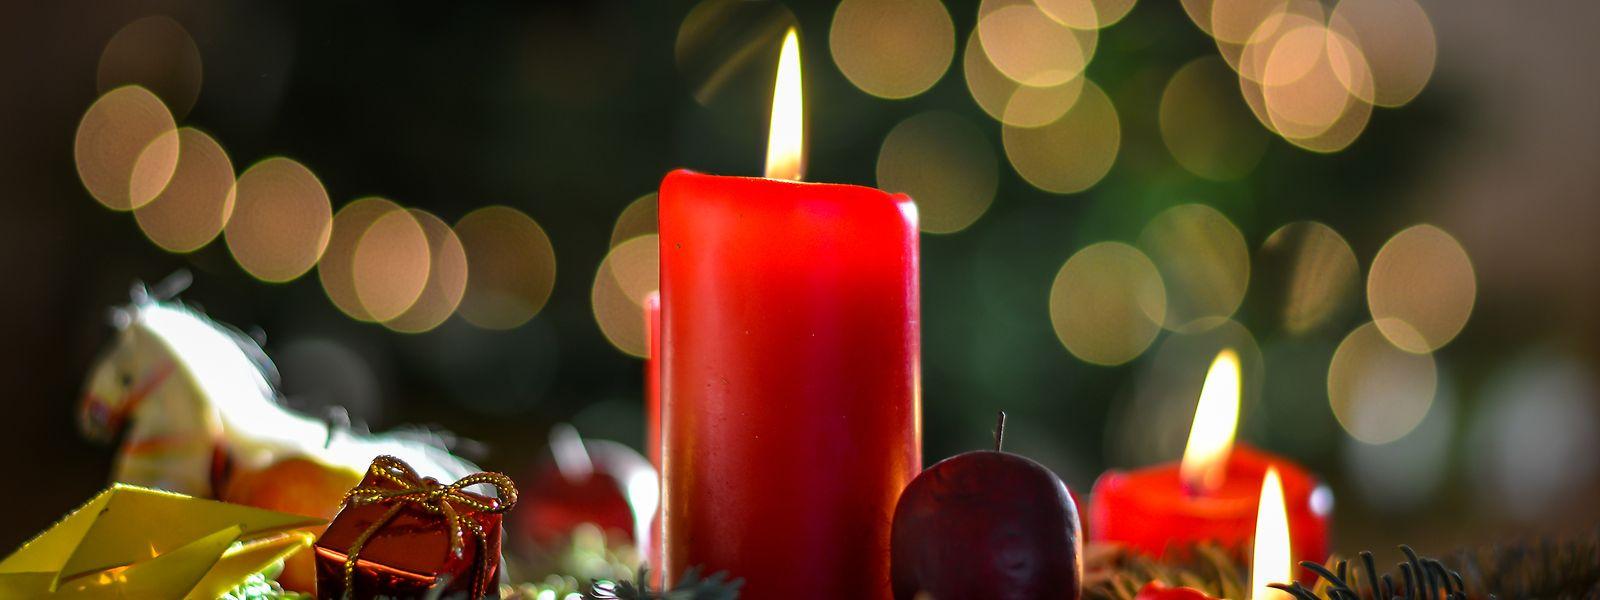 Ein besinnlicher Advent: Dazu bietet die entschleunigte Vorweihnachtszeit im Corona-Jahr 2020 Gelegenheit.